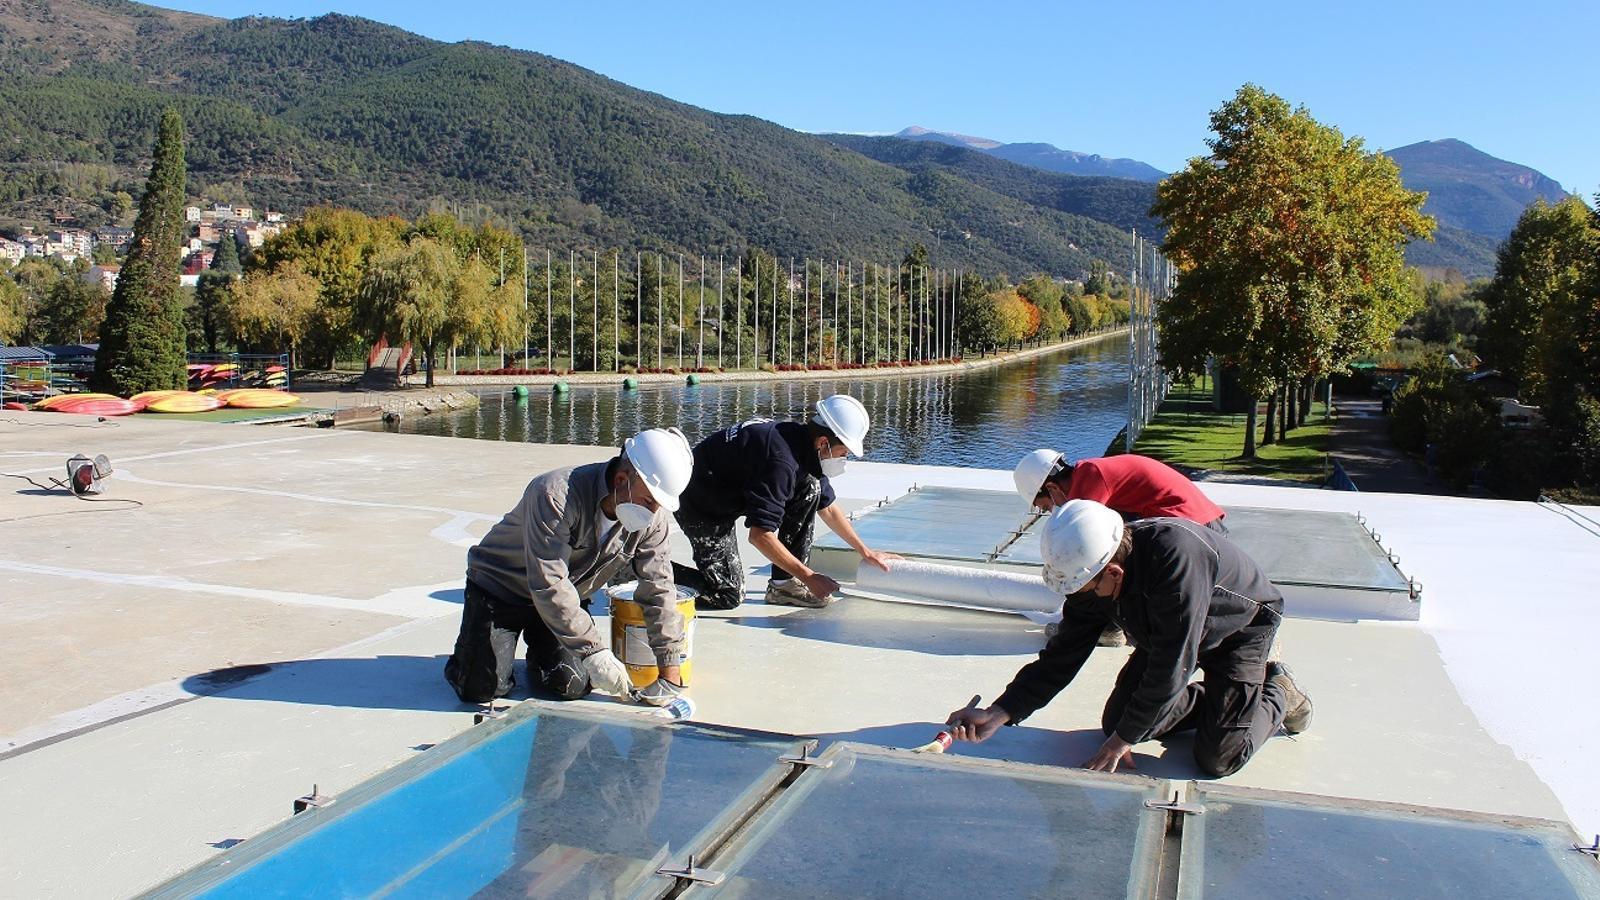 Instal·lació de plaques fotovoltaiques al Parc del Segre. / AJUNTAMENT DE LA SEU